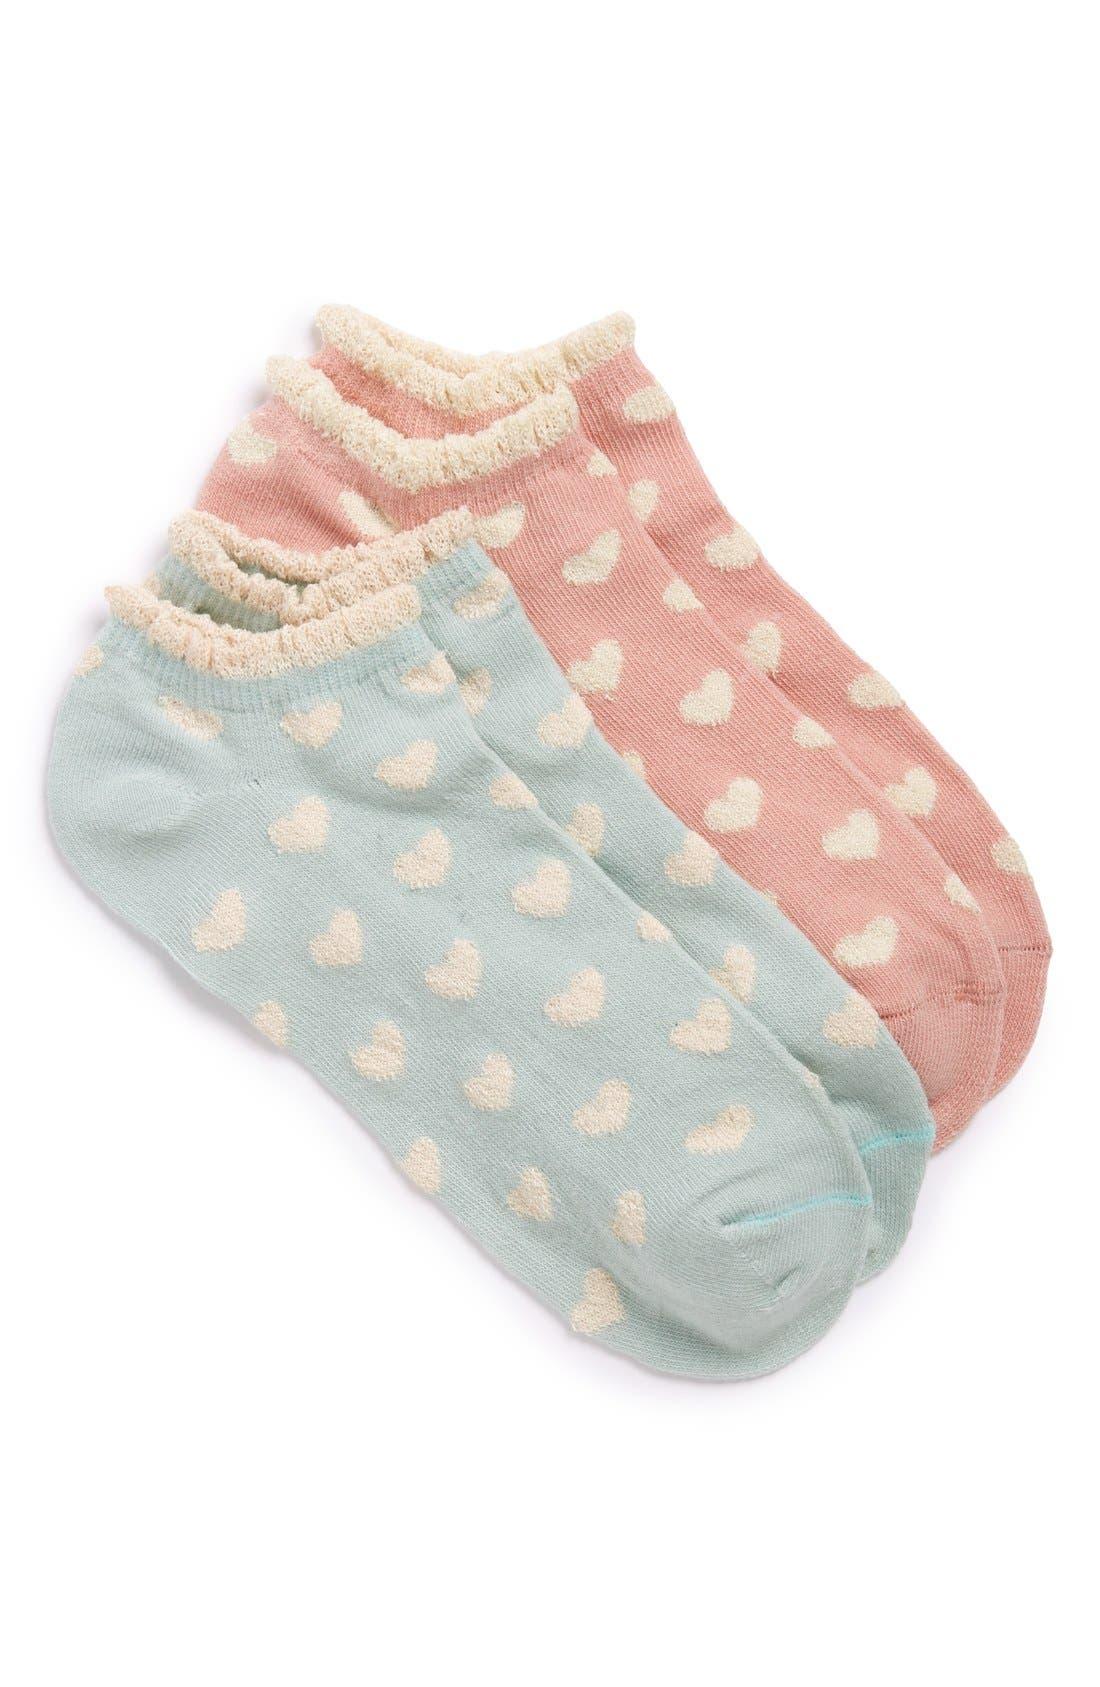 Alternate Image 1 Selected - Girly Heart Print Ankle Socks (2-Pack)